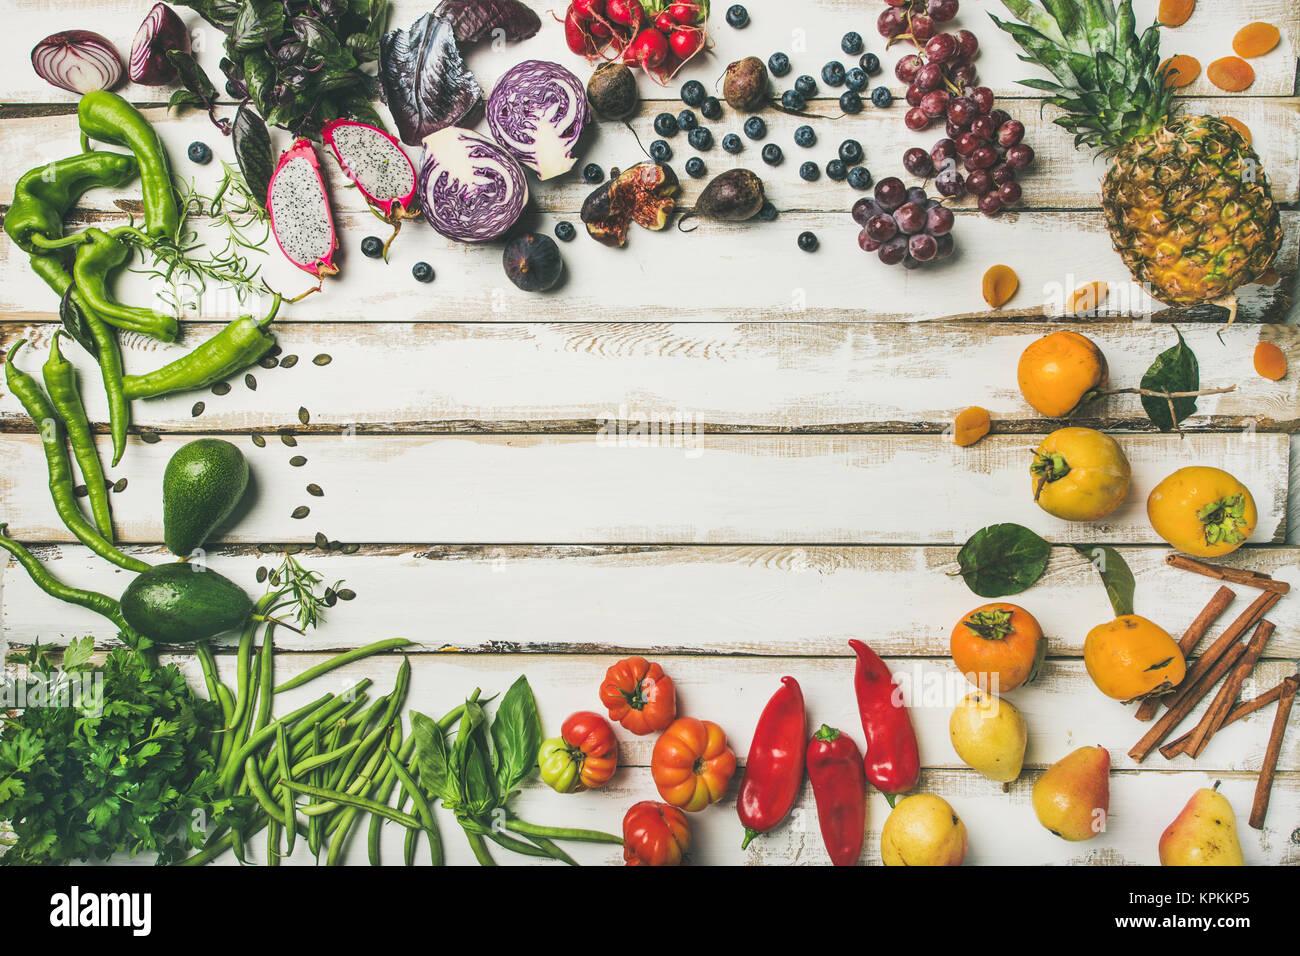 Flat-lay de fruta fresca, verduras verdes y fuentes alimenticias Imagen De Stock